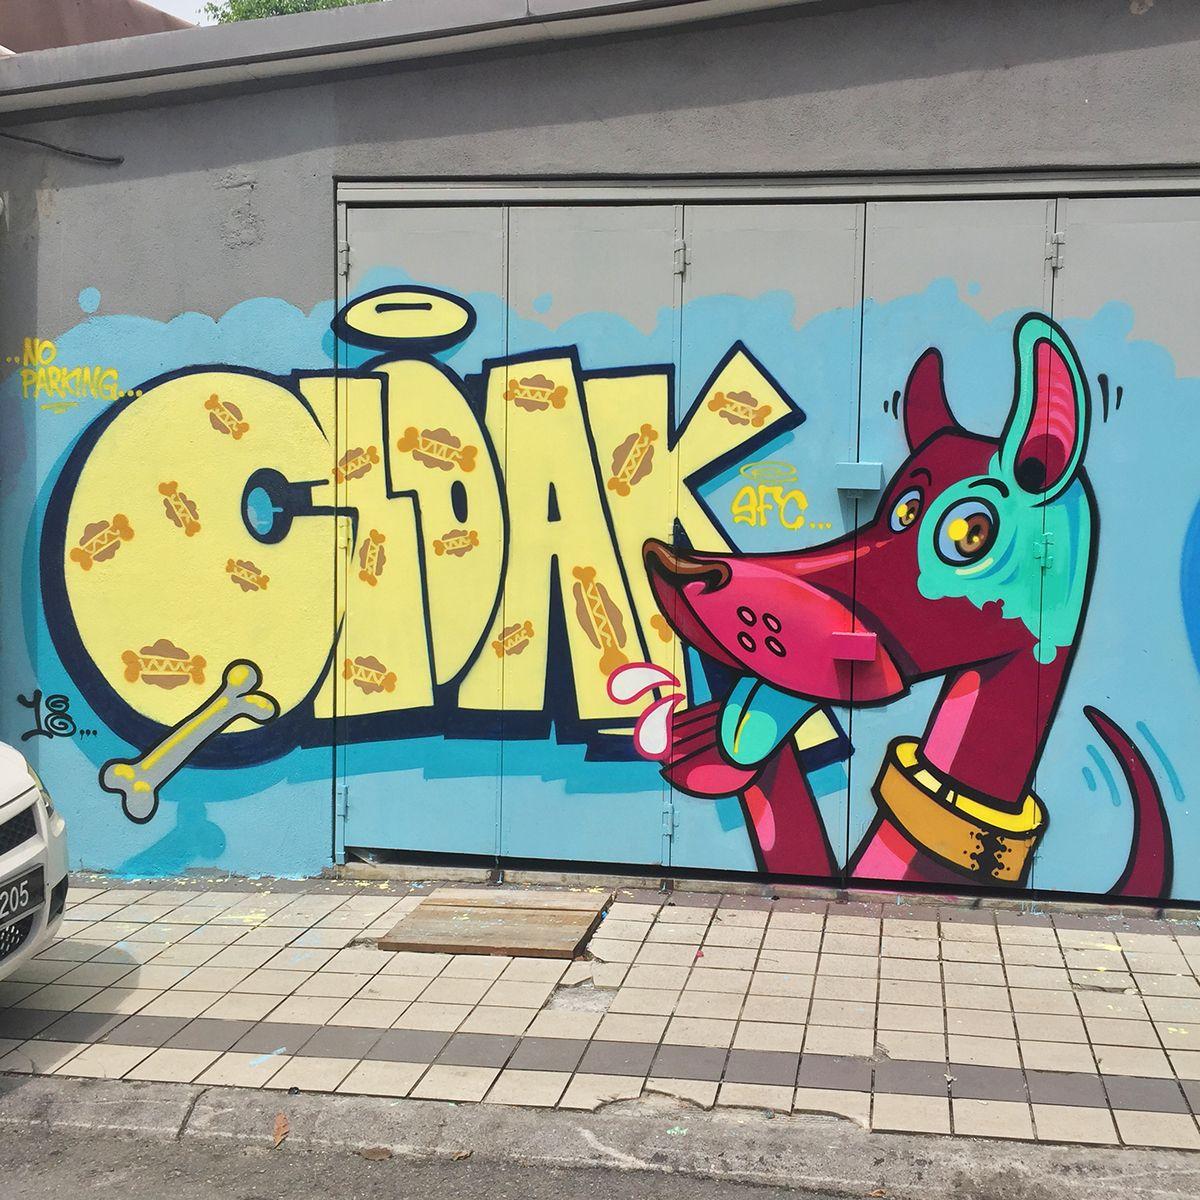 Character and Letter on Behance | Graffiti/Street Art | Pinterest ...